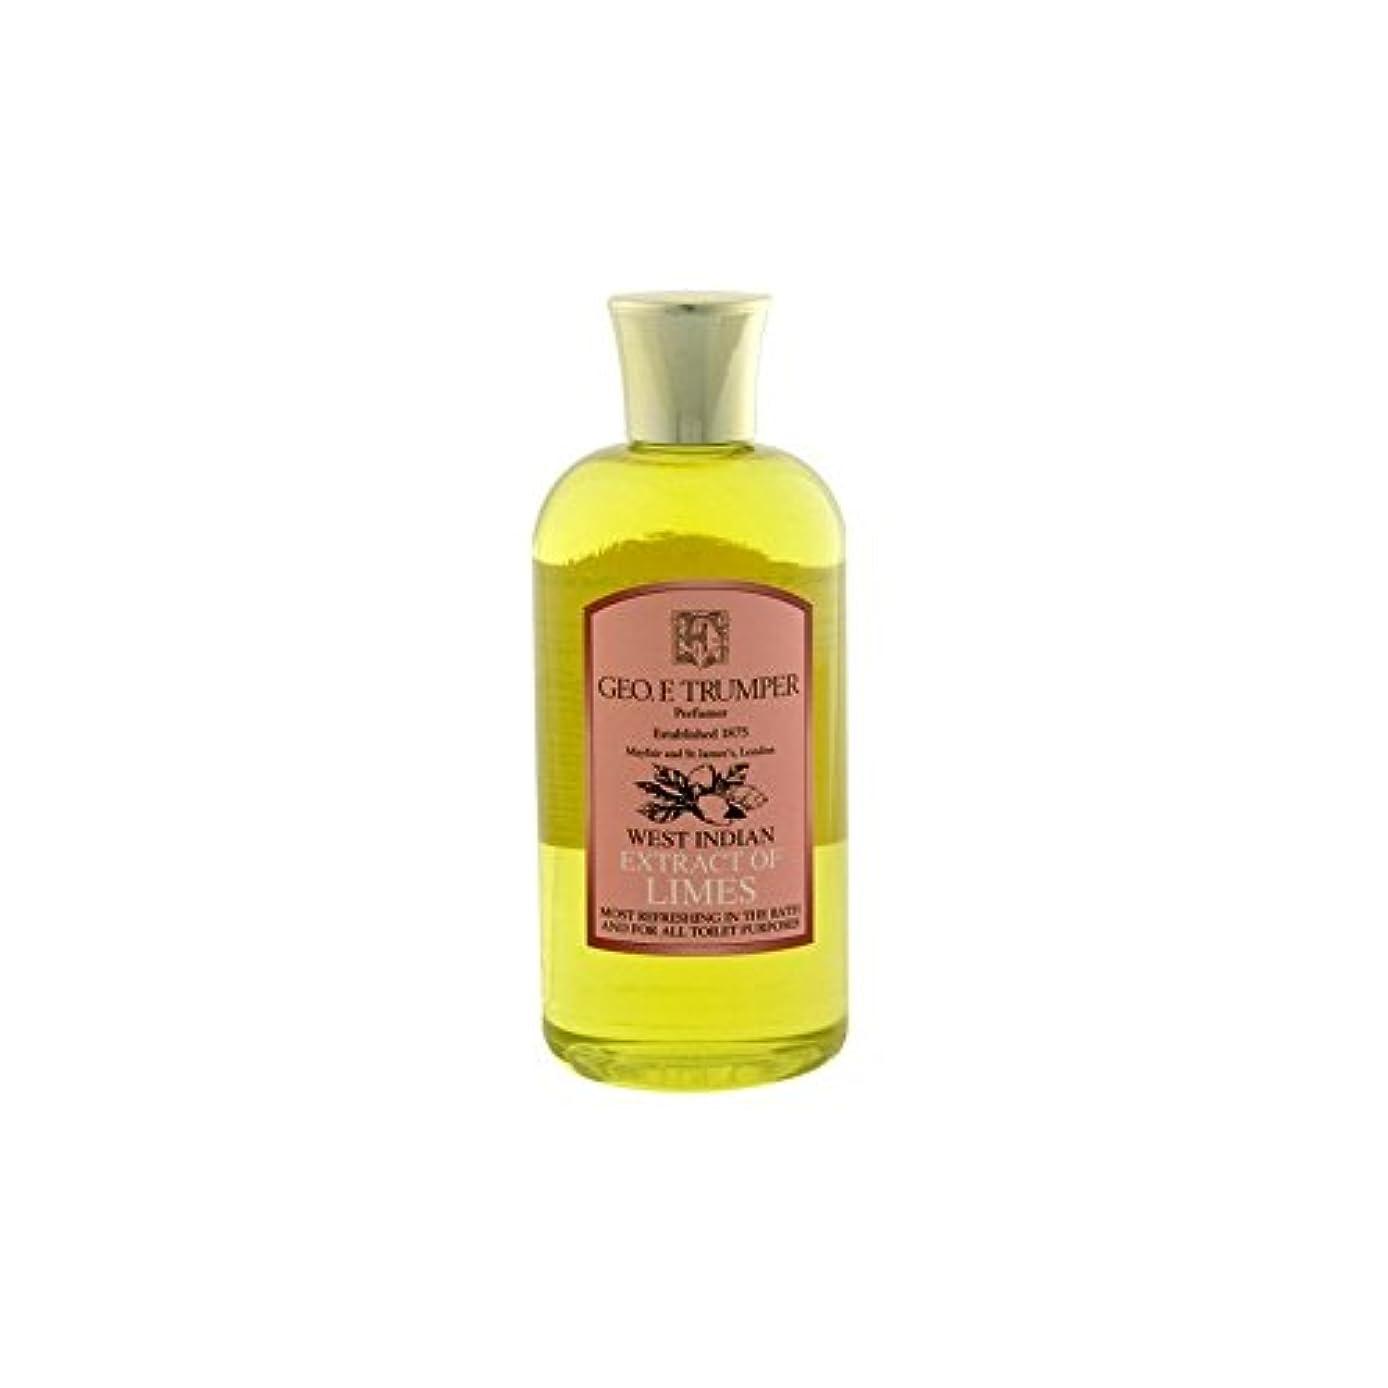 オープニング天皇ゴネリルライムのバス&シャワージェル - 500ミリリットル旅 x4 - Trumpers Limes Bath & Shower Gel - 500ml Travel (Pack of 4) [並行輸入品]